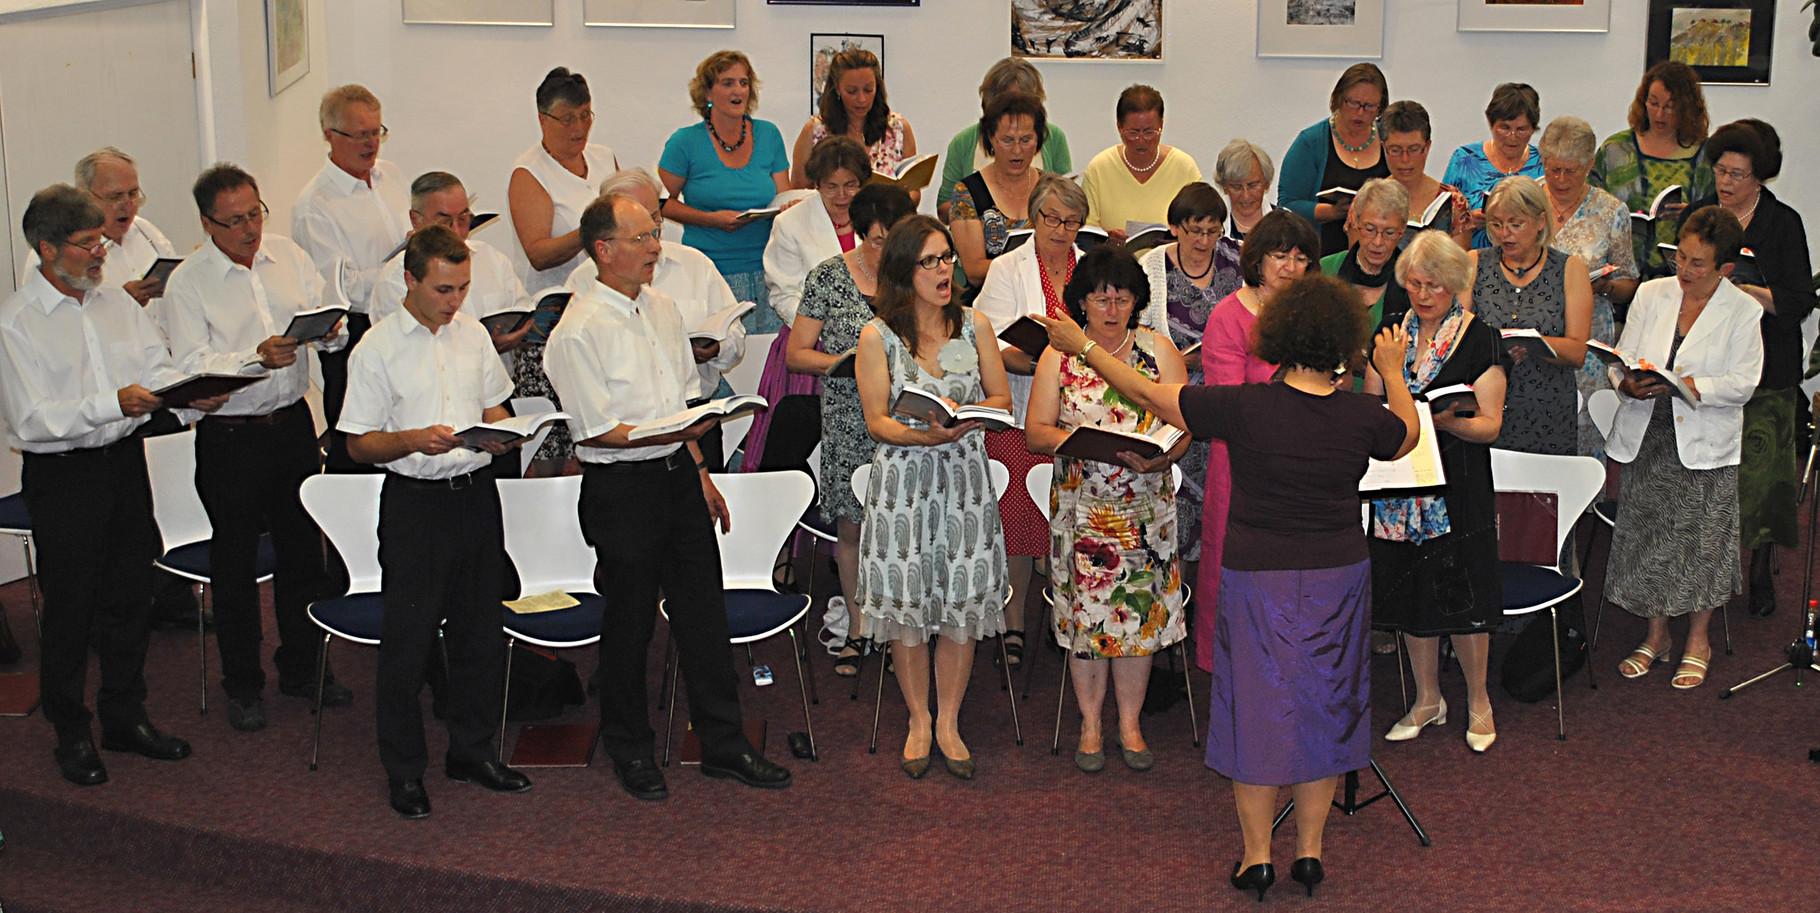 2013 - Sommerlicher Liederabend mit Texten von Eugen Roth in der Stadtbücherei Grafing